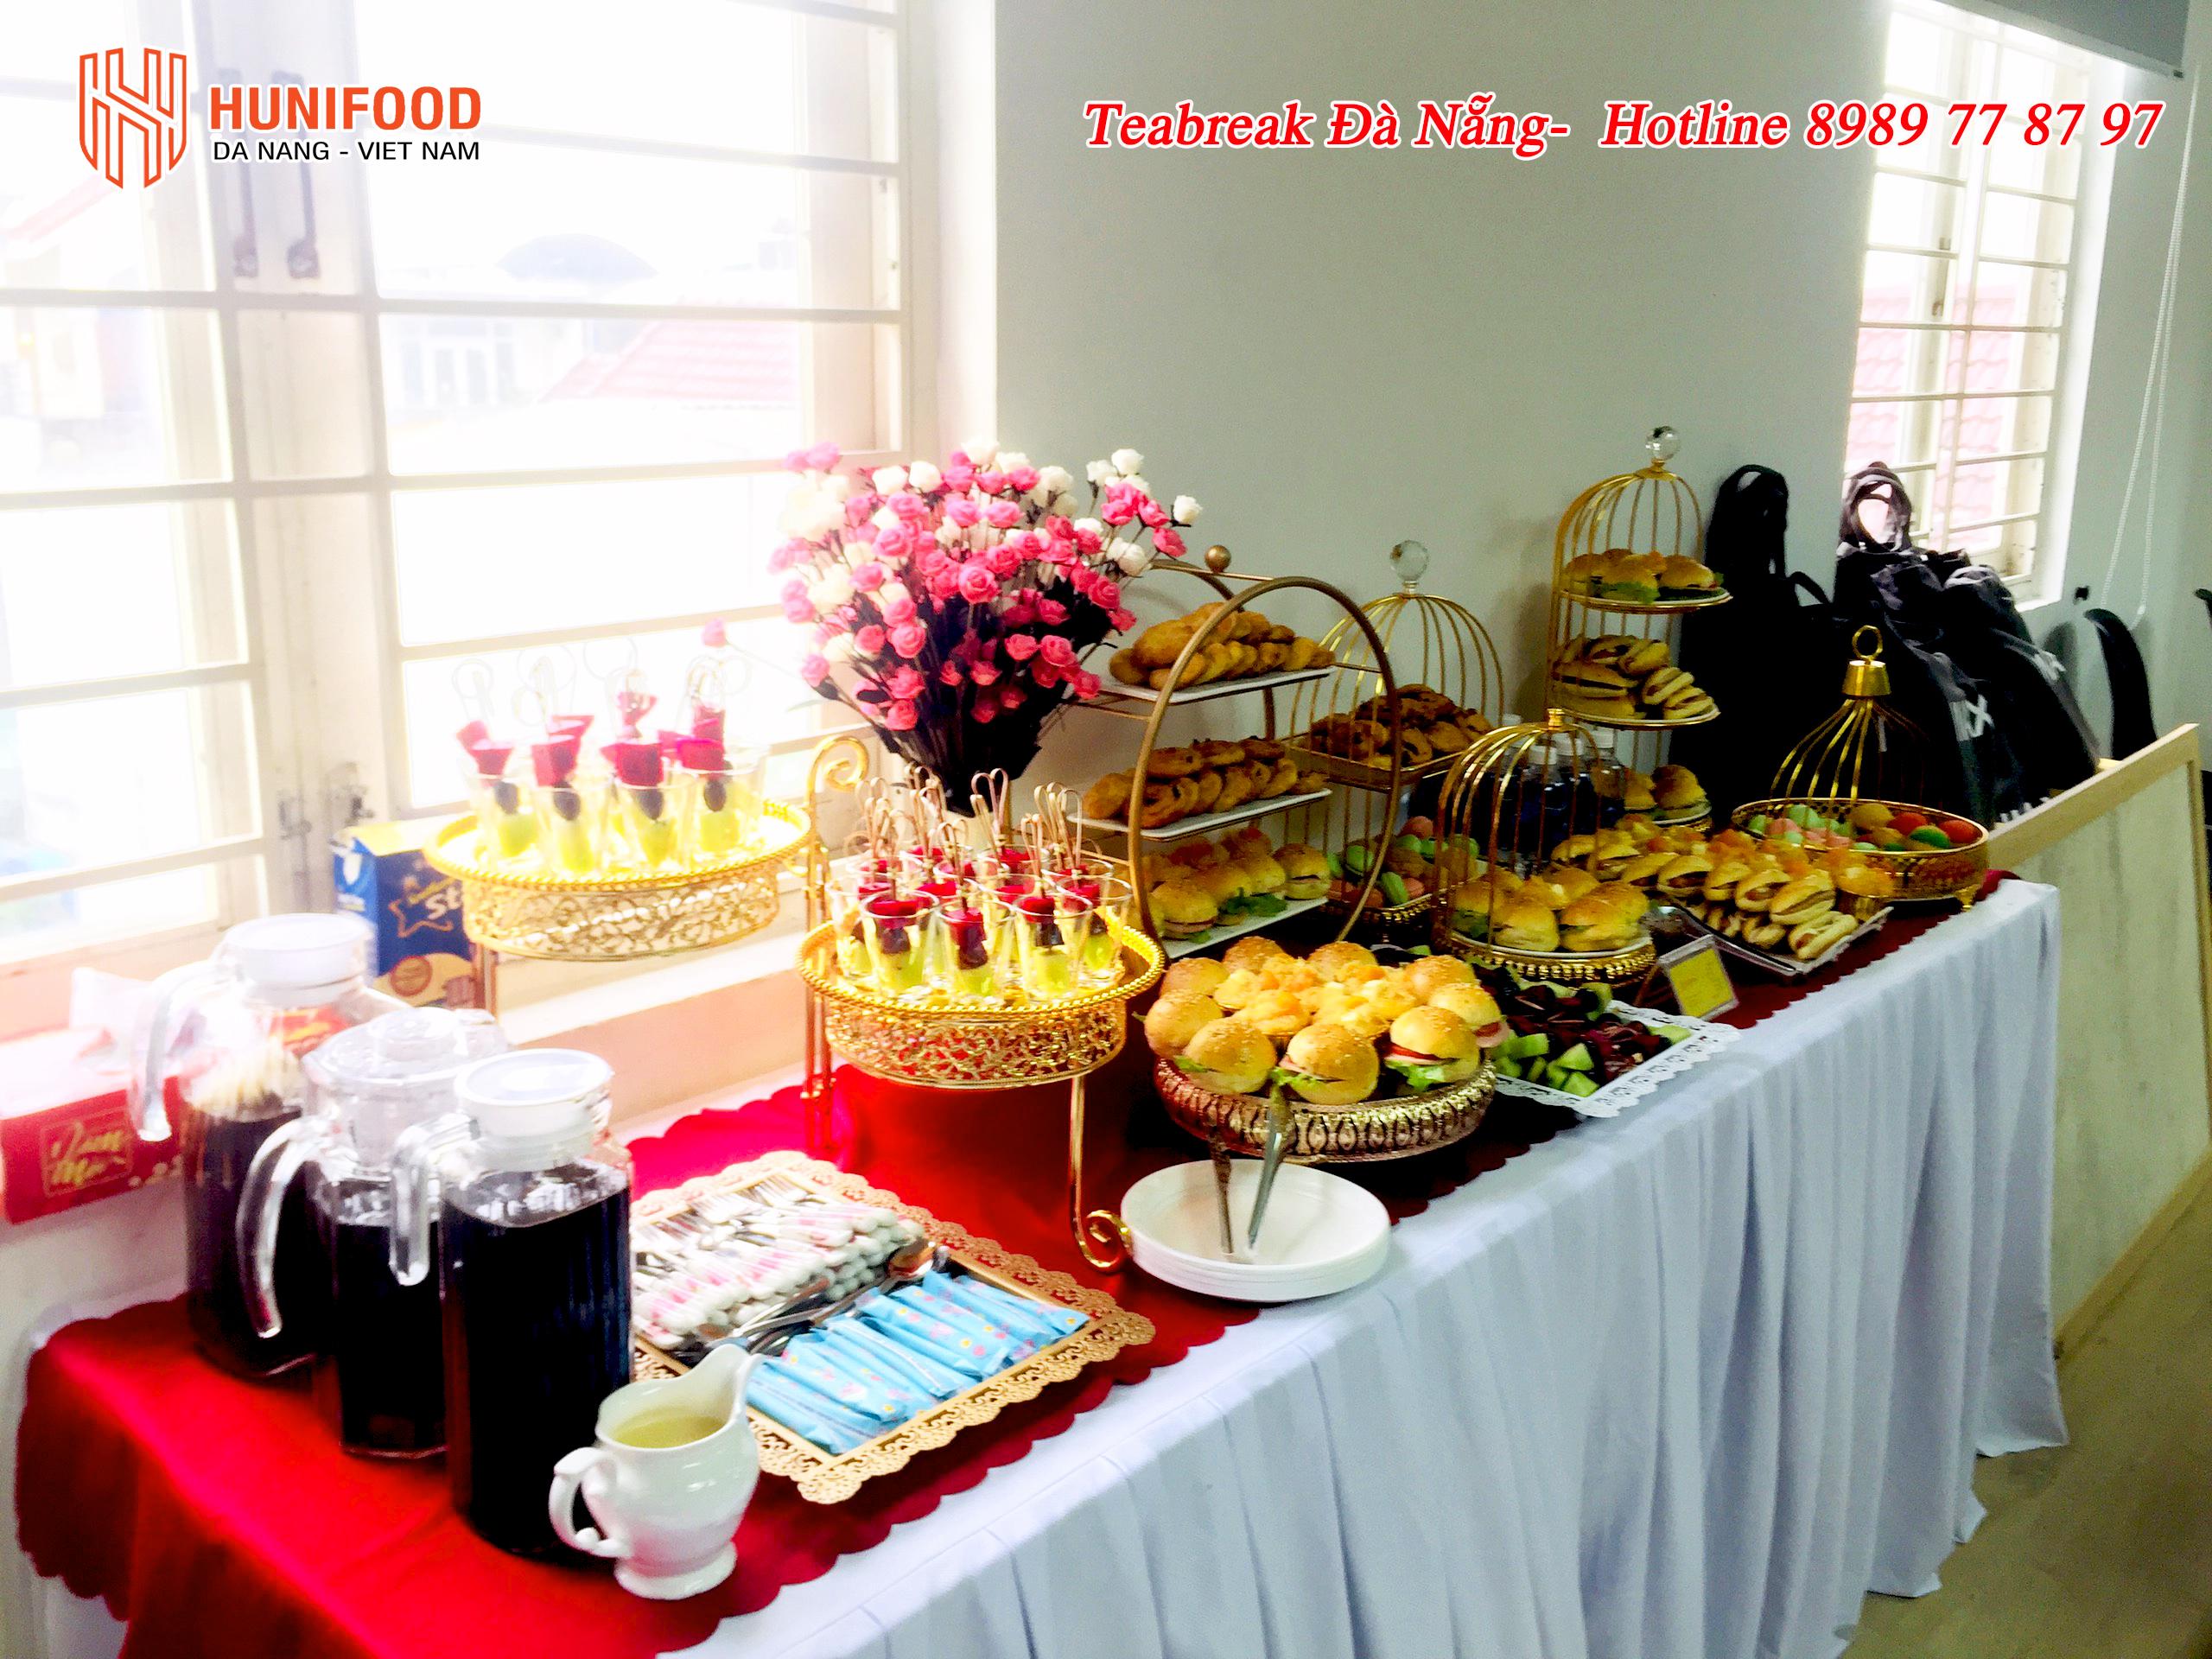 Tiệc Teabreak tại Đà Nẵng